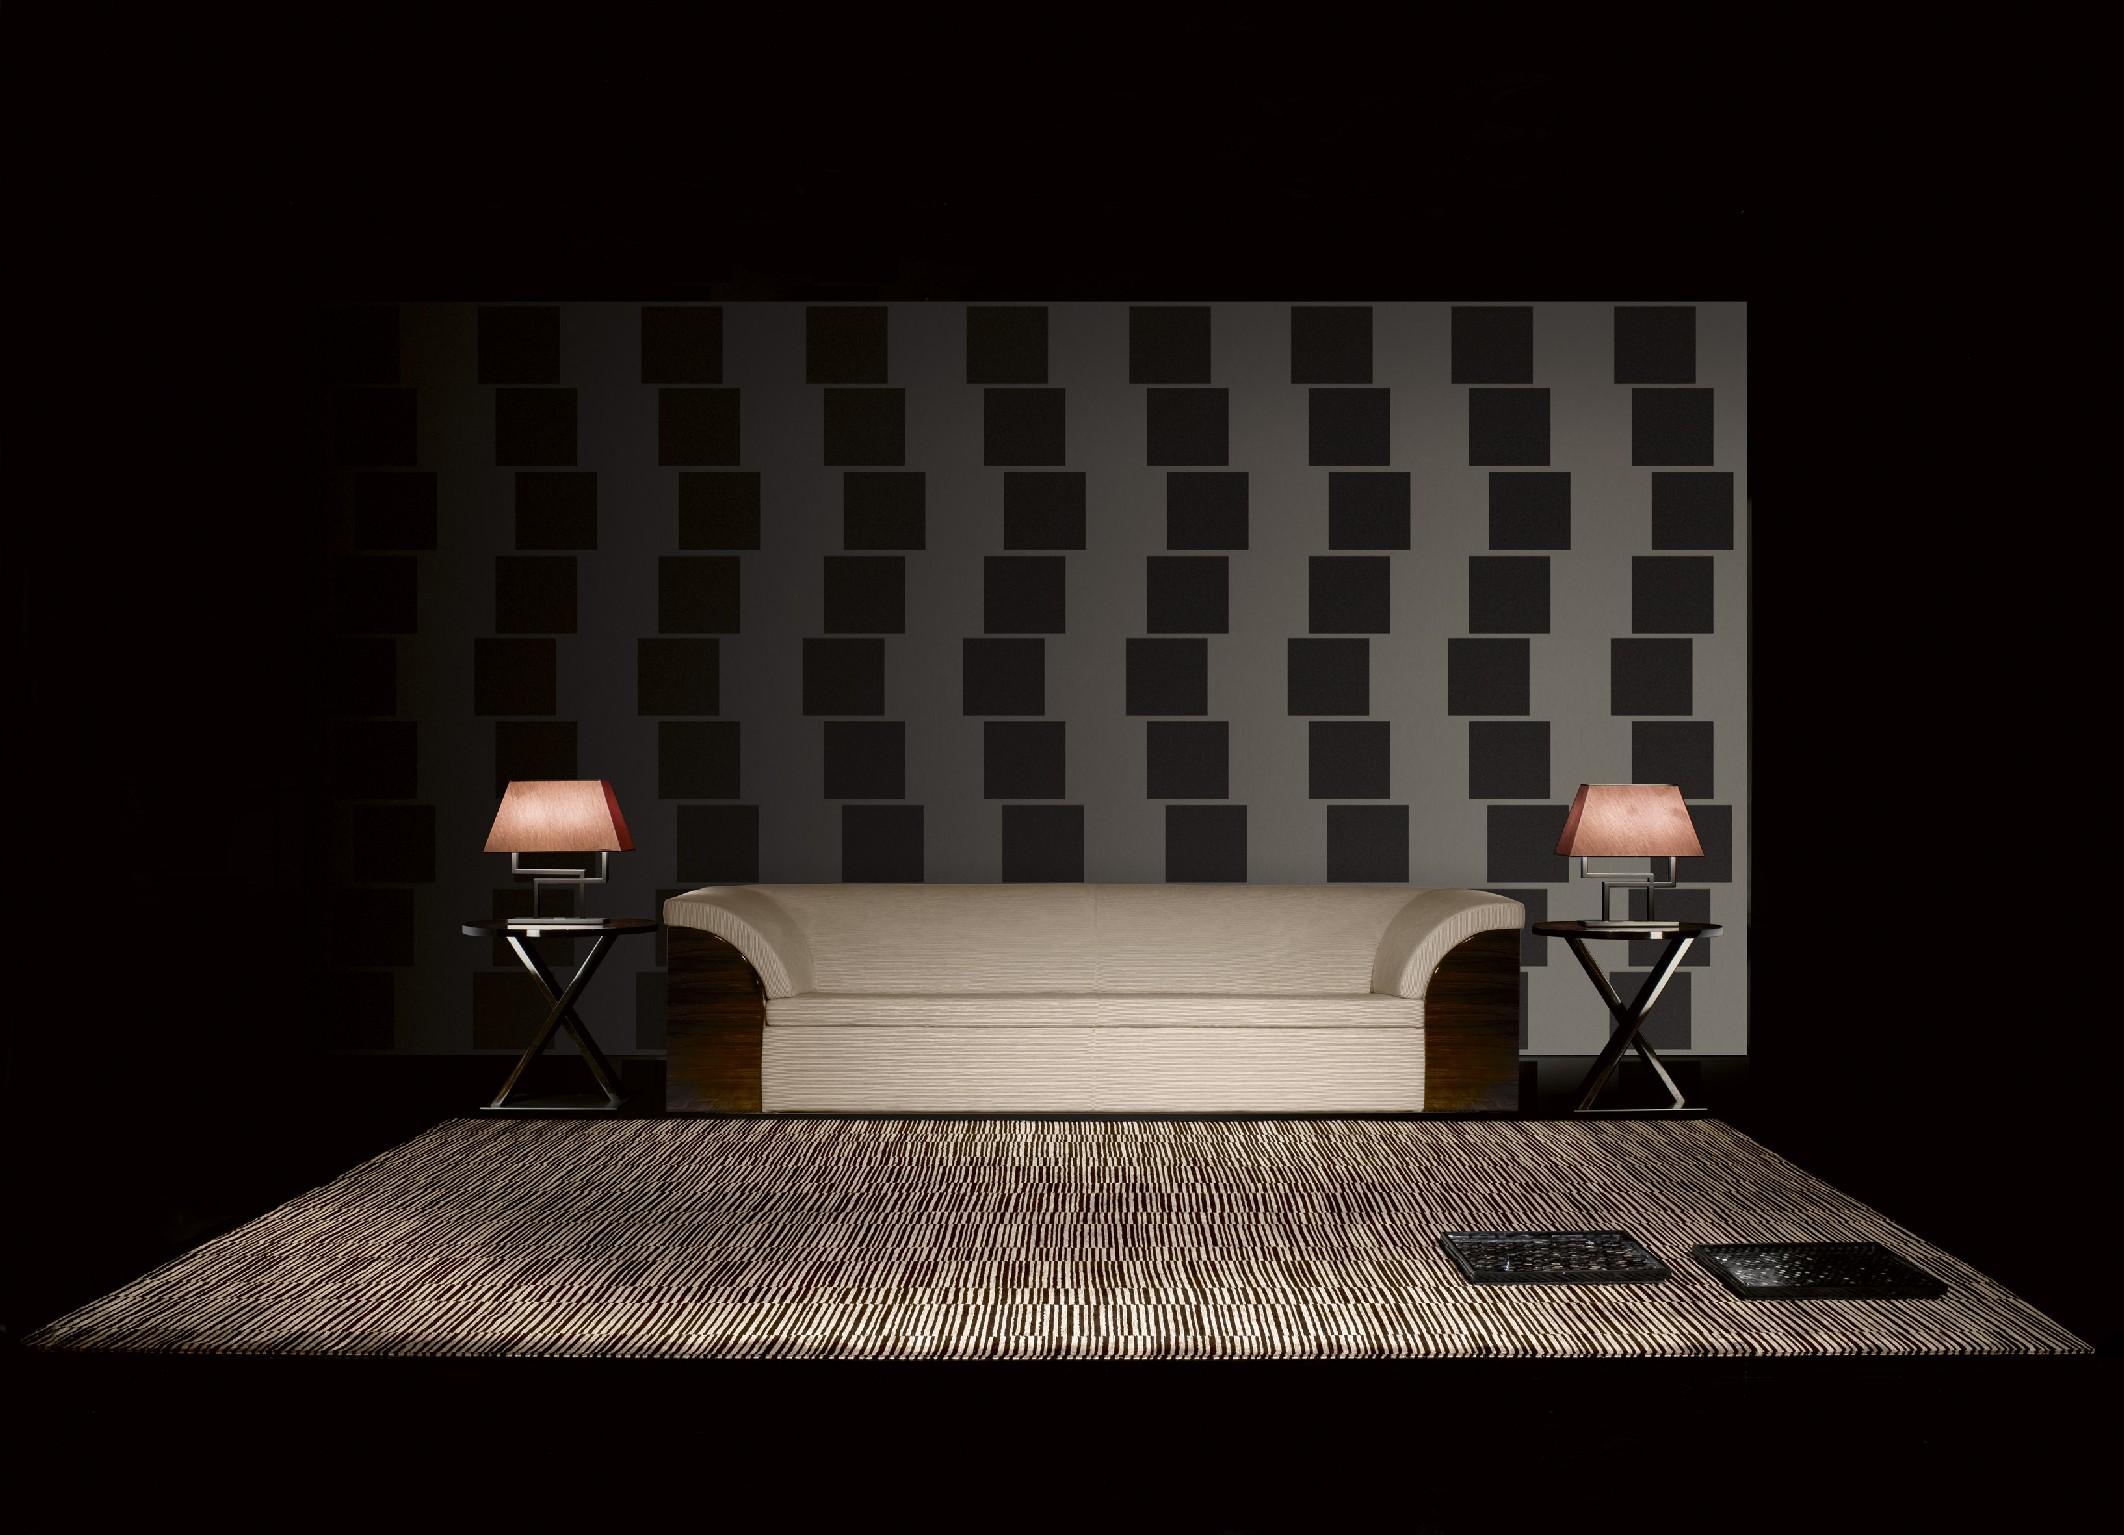 Giorgio armani interior design the fashion power for Giorgio aldo interior designs